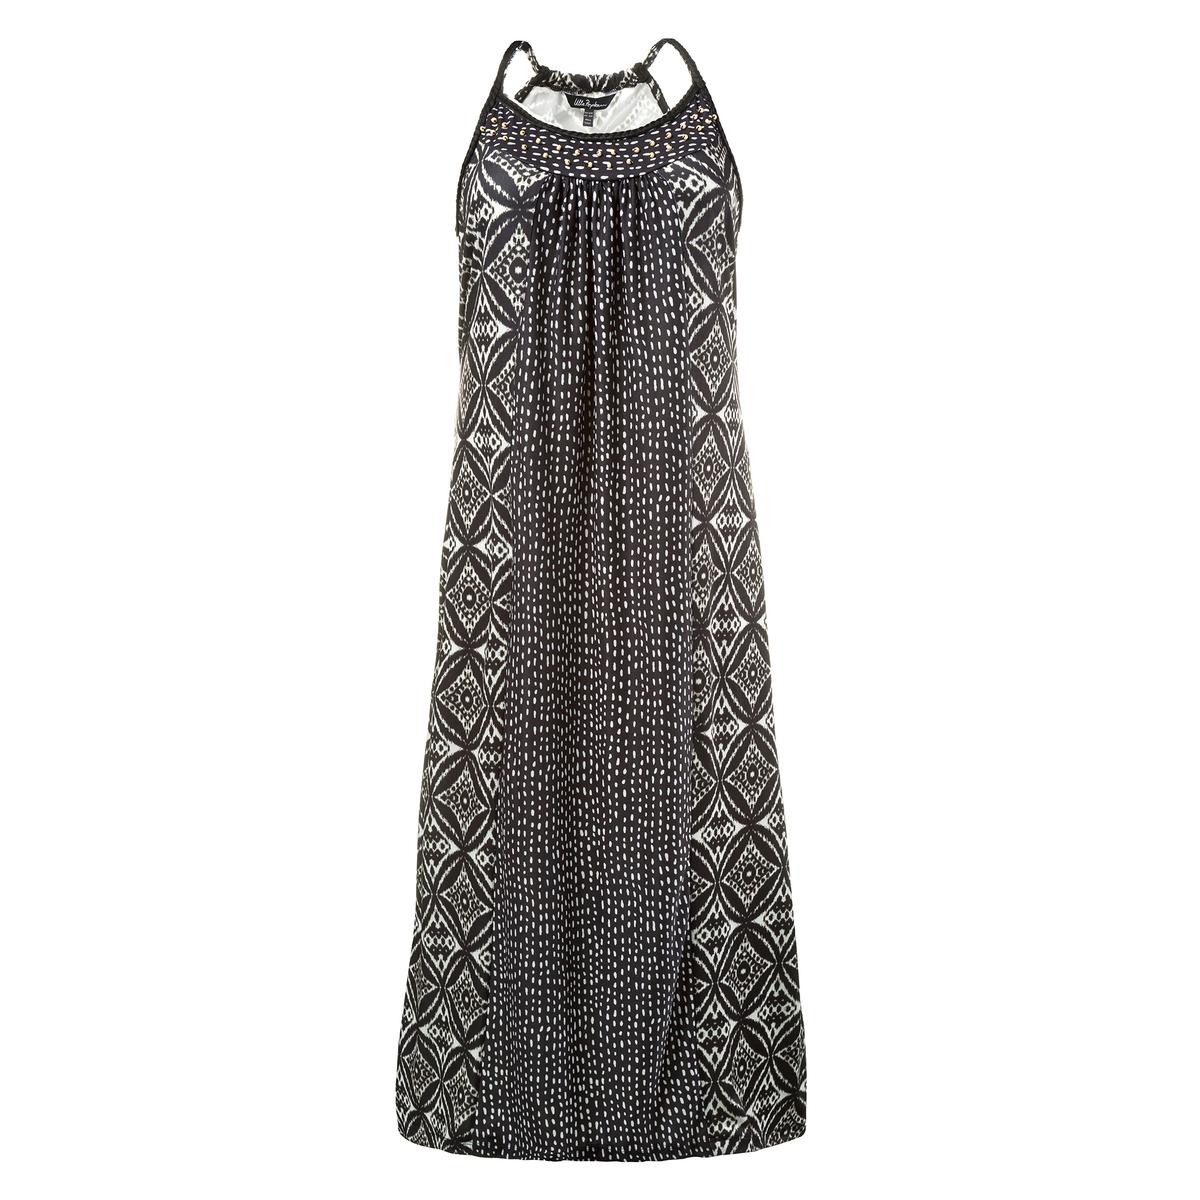 Платье длинное<br><br>Цвет: набивной рисунок<br>Размер: 44/46 (FR) - 50/52 (RUS)